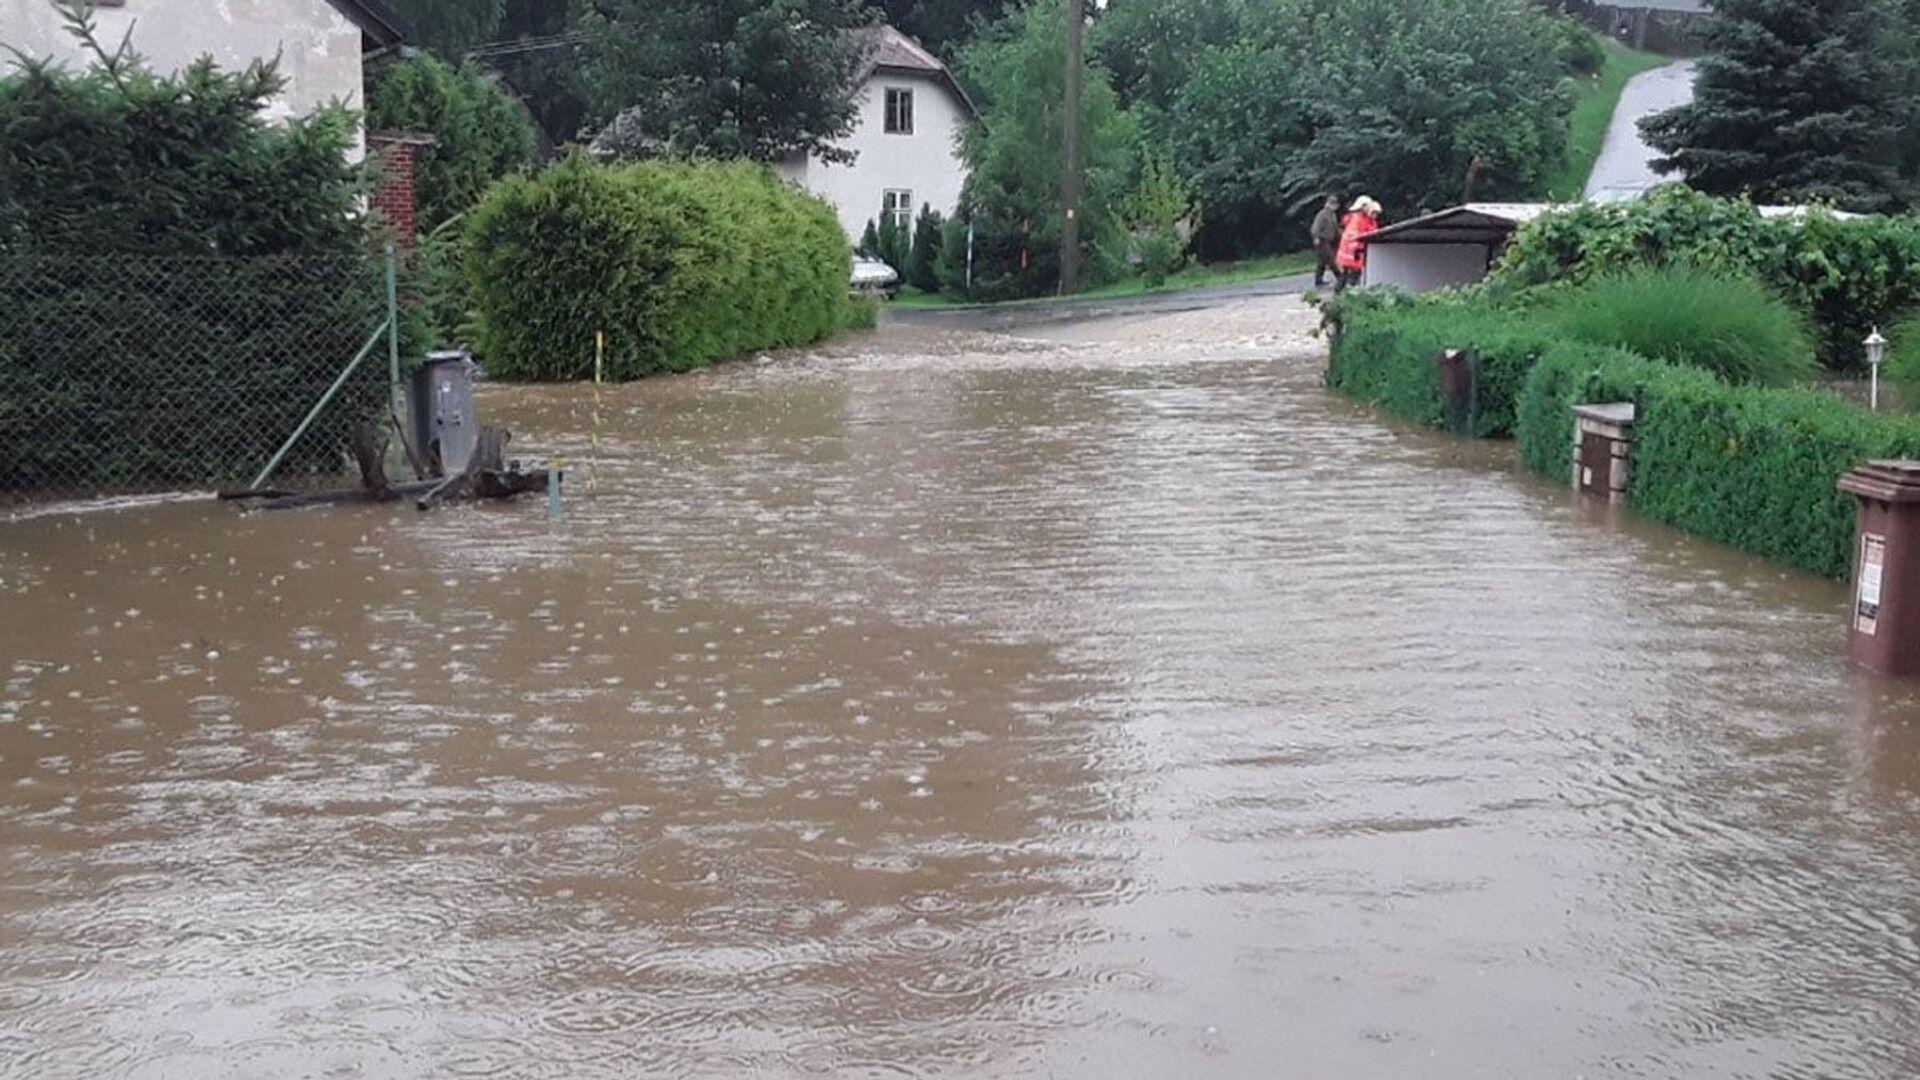 Povodně c Česku - Sputnik Česká republika, 1920, 18.07.2021